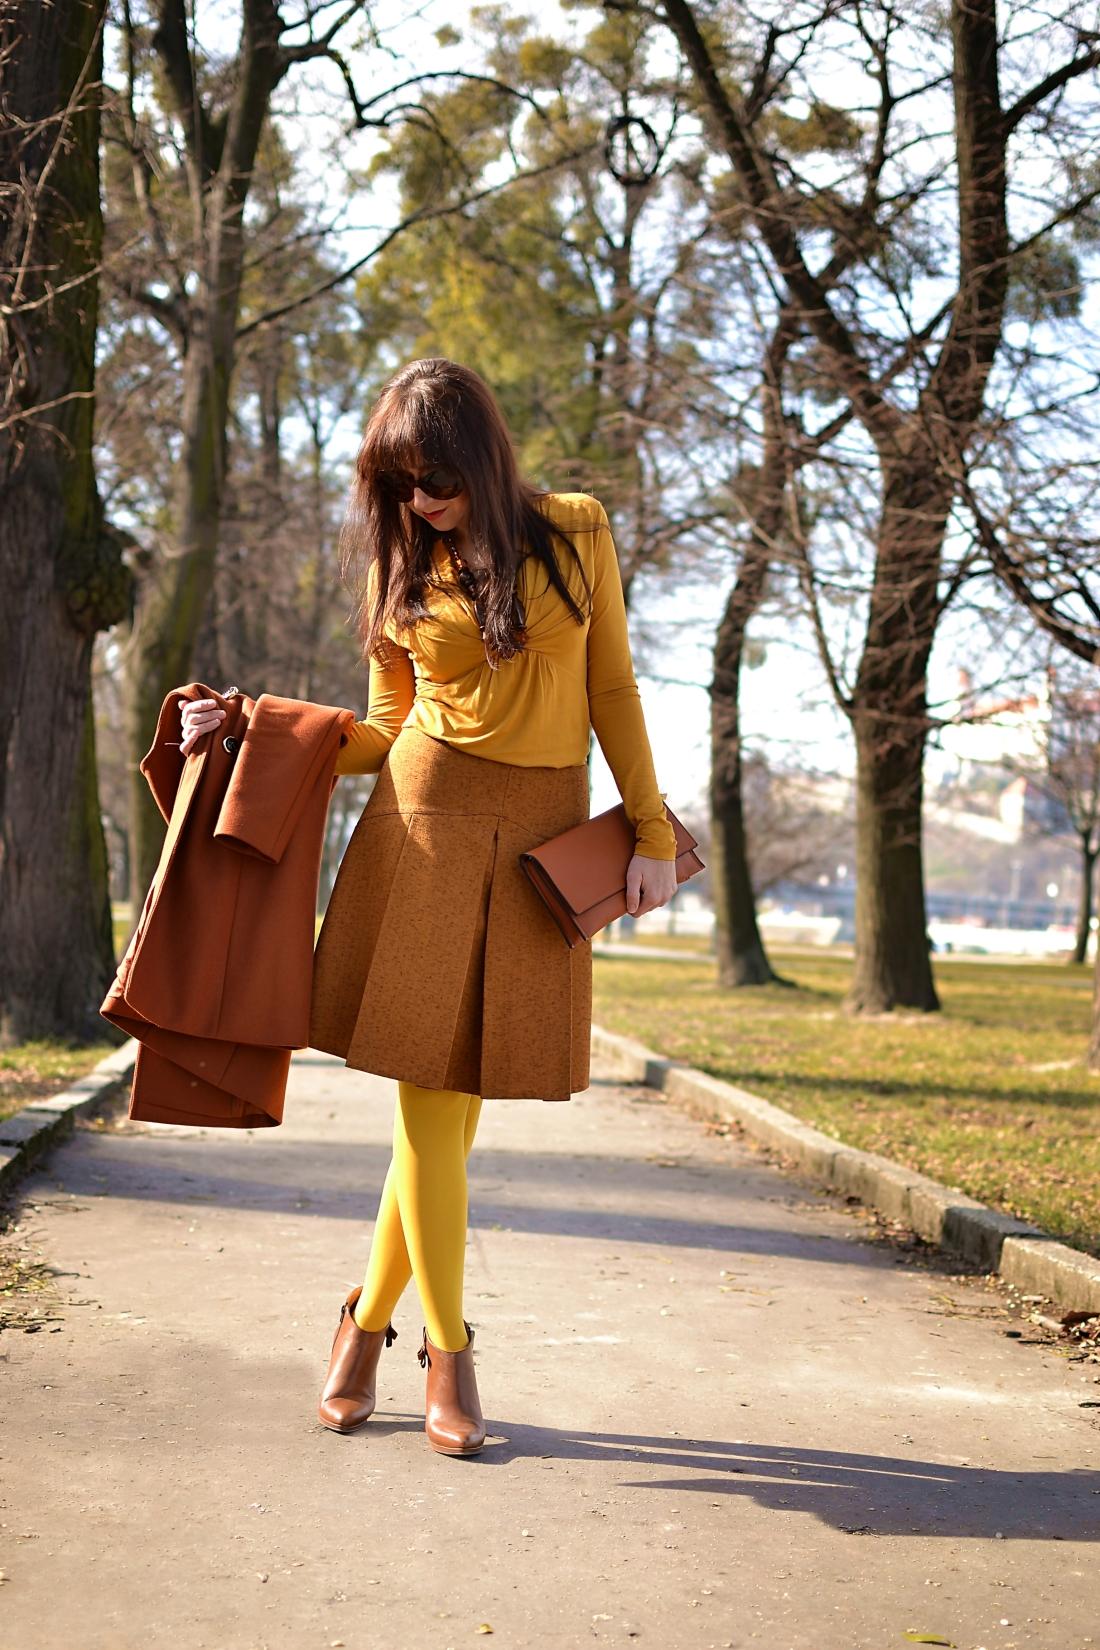 Založené 2014_Katharine-fashion is beautiful_blog 12_Dunajský pivovar_Žlté pančuchy_Hnedý kabát_Koňaková skladaná sukňa_Katarína Jakubčová_Fashion blogger_Outfit